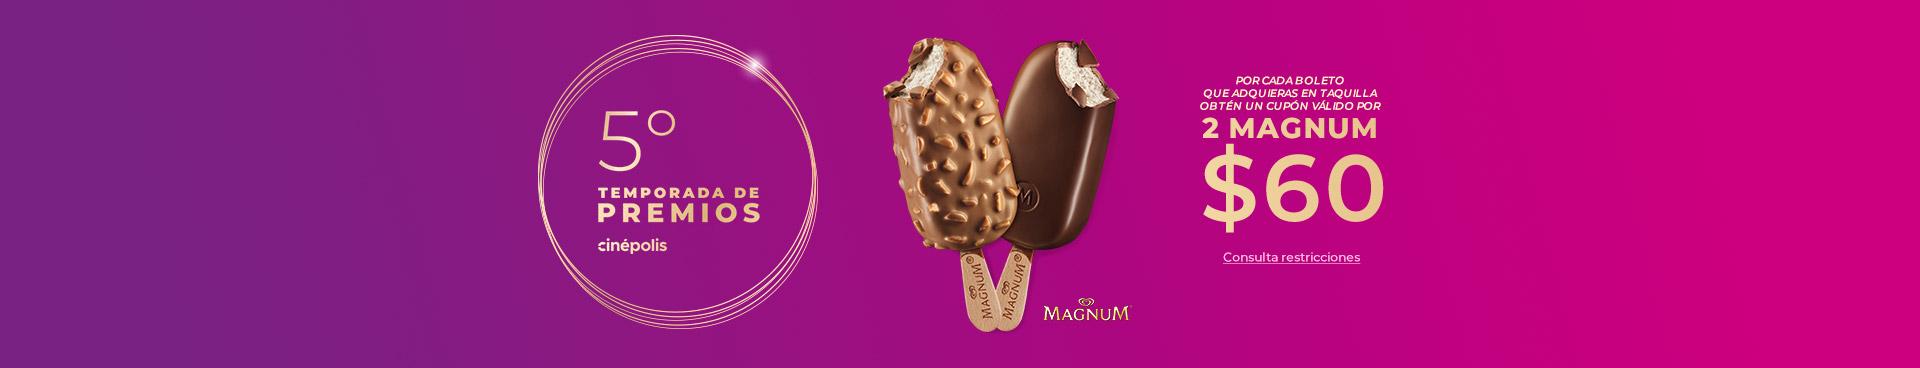 Premios 2 Magnum